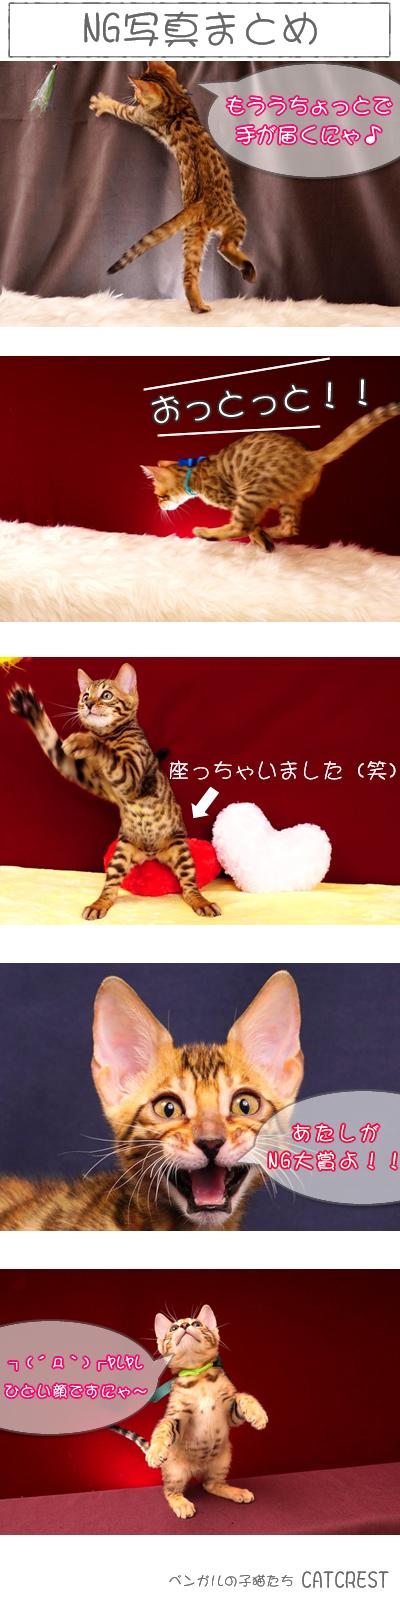 ベンガル猫NG写真まとめ